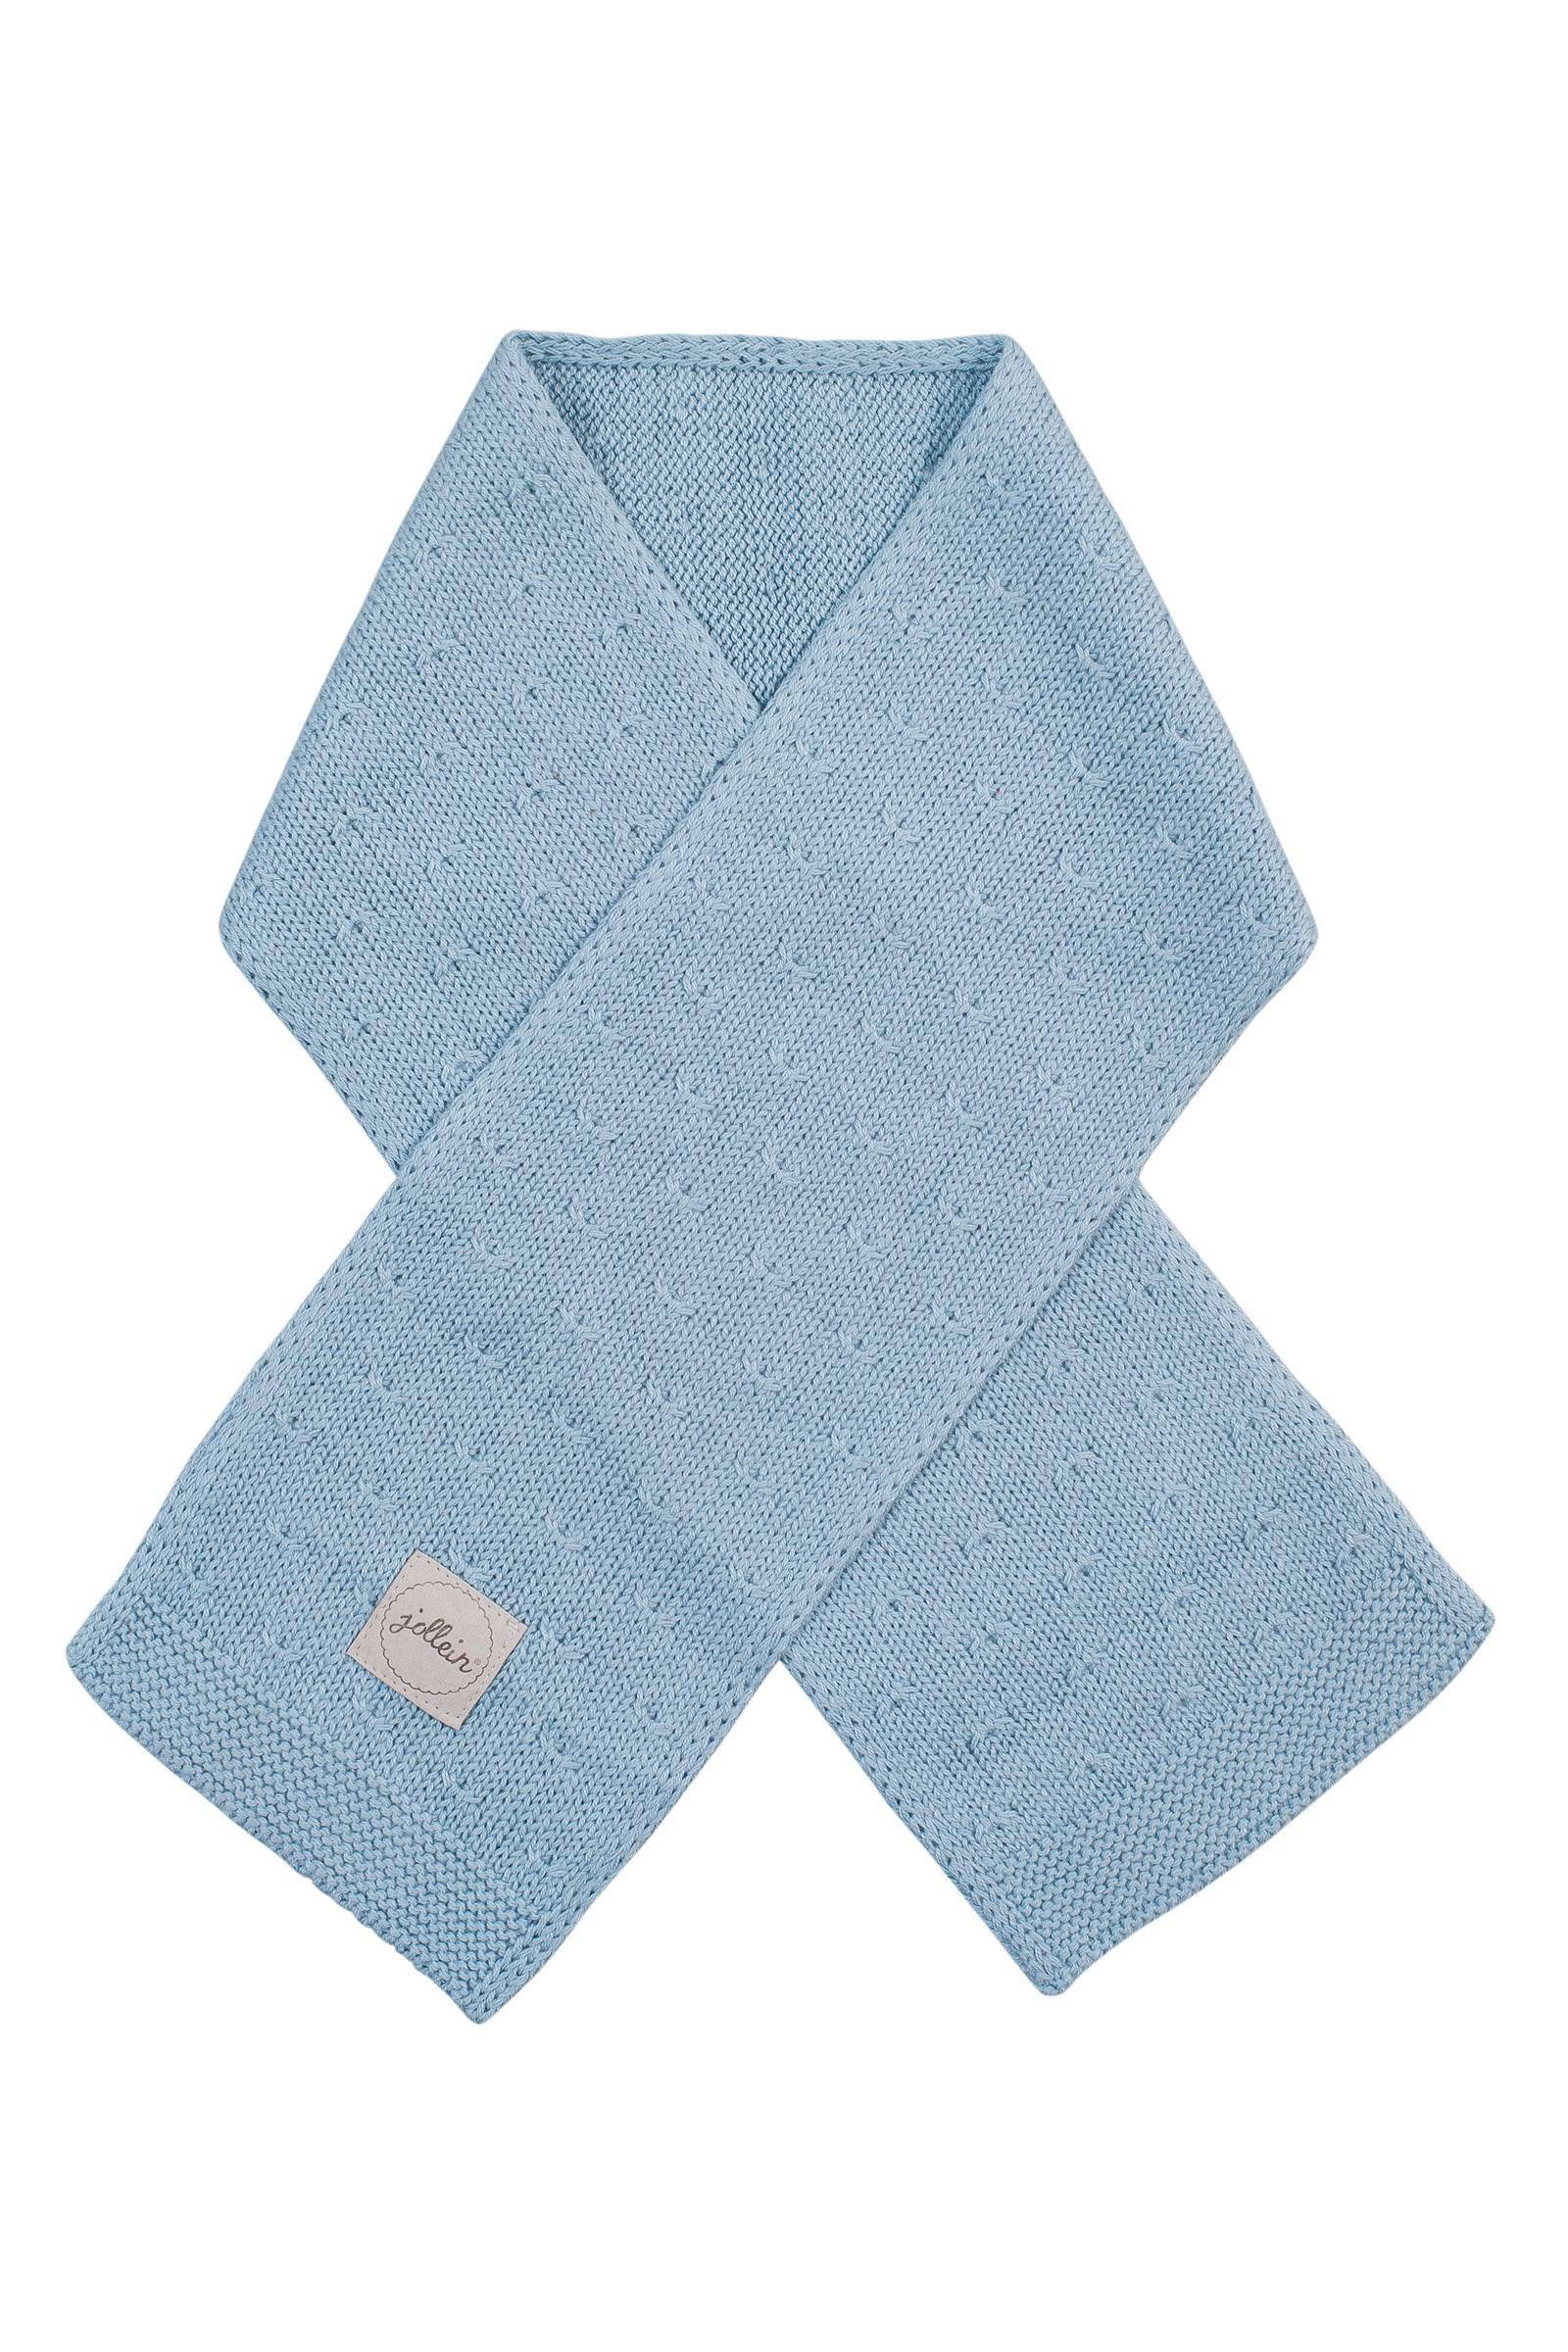 25089f5d3b0 jollein-soft-knit-sjaal-soft-blue-blauw-8717329332928.jpg